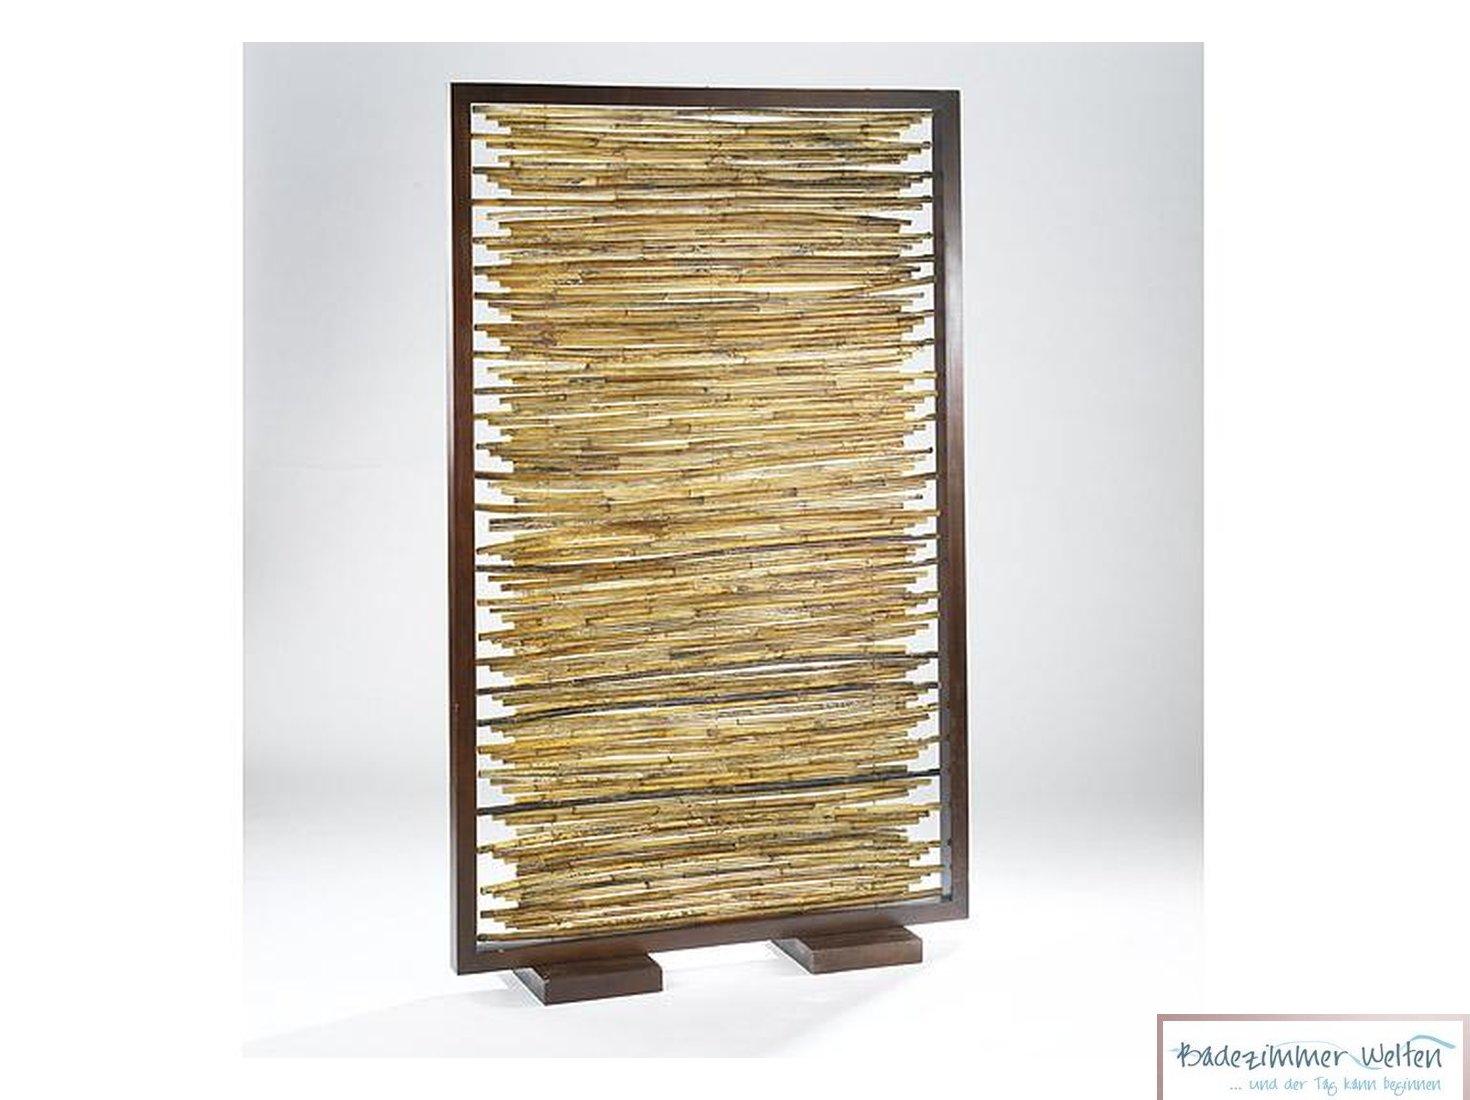 Full Size of Paravent Bambus Raumteiler Sichtschutz Aus Mit Holzrahmen Garten Bett Wohnzimmer Paravent Bambus